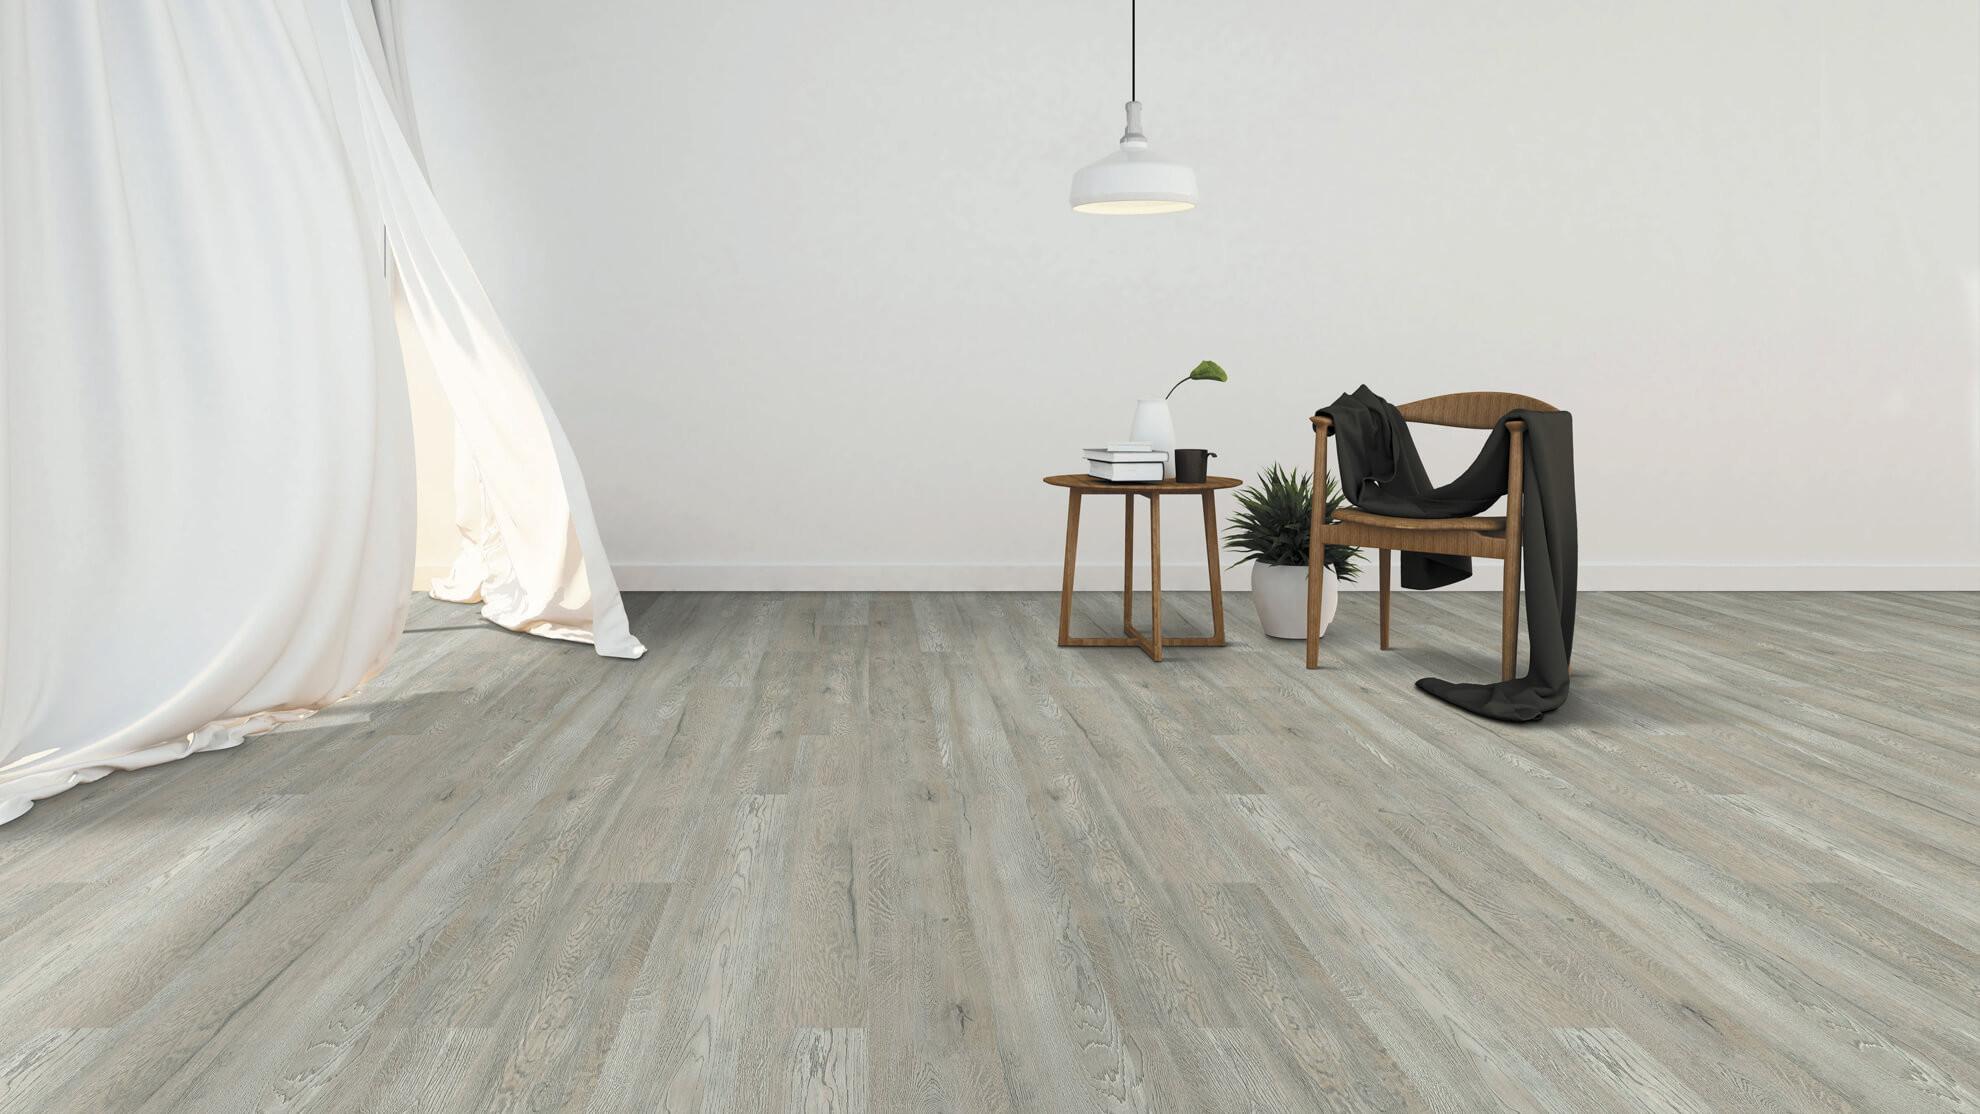 floorscapes quality hardwood flooring of earthwerks flooring intended for noble classic plus alaska oak ncr 9708